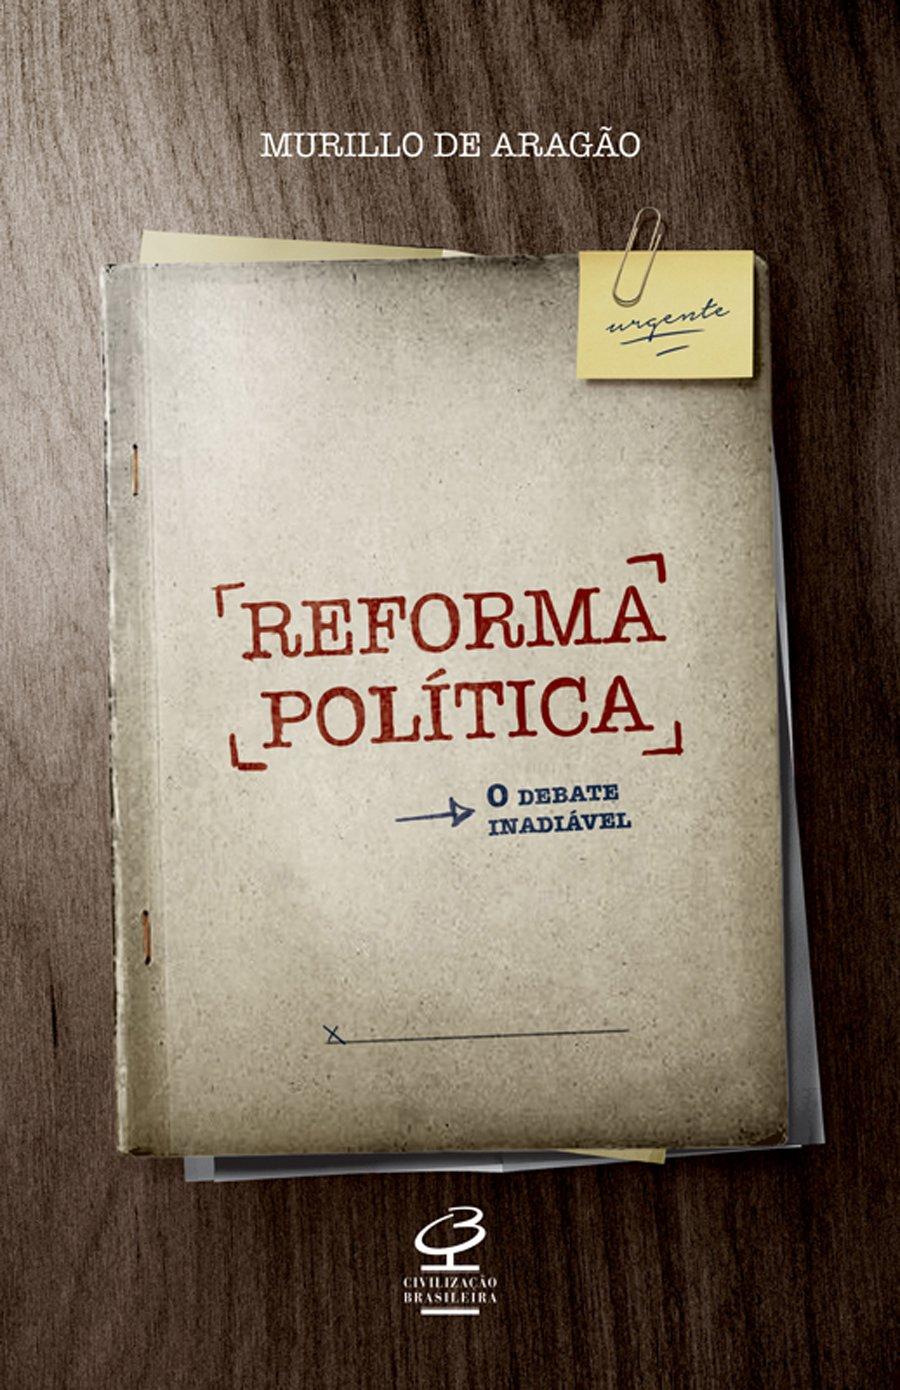 Crítica | Reforma Política – Murillo de Aragão